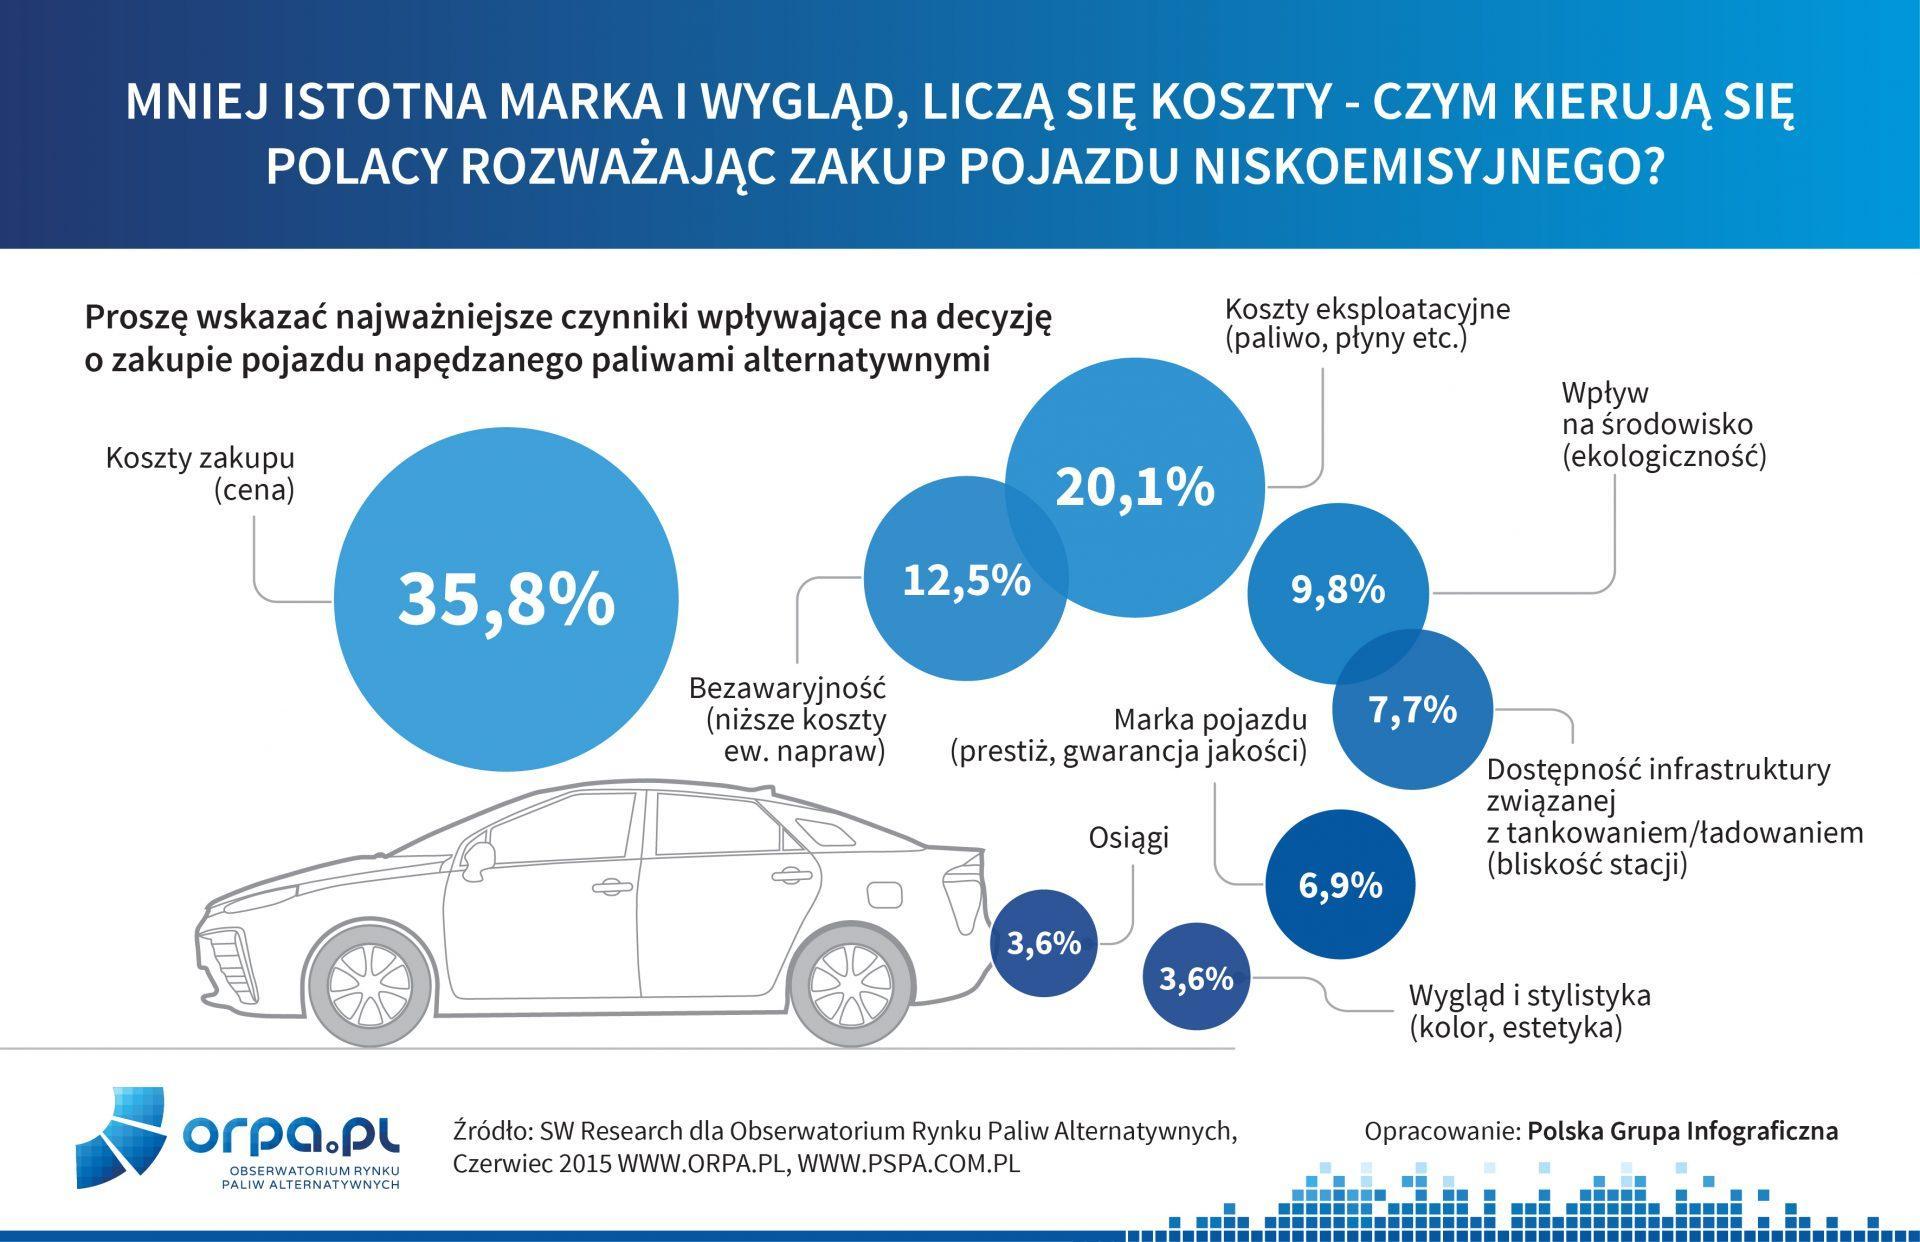 Najważniejsze czynniki wpływające na decyzje o zakupie pojazdu napędzanego paliwami alternatywnymi